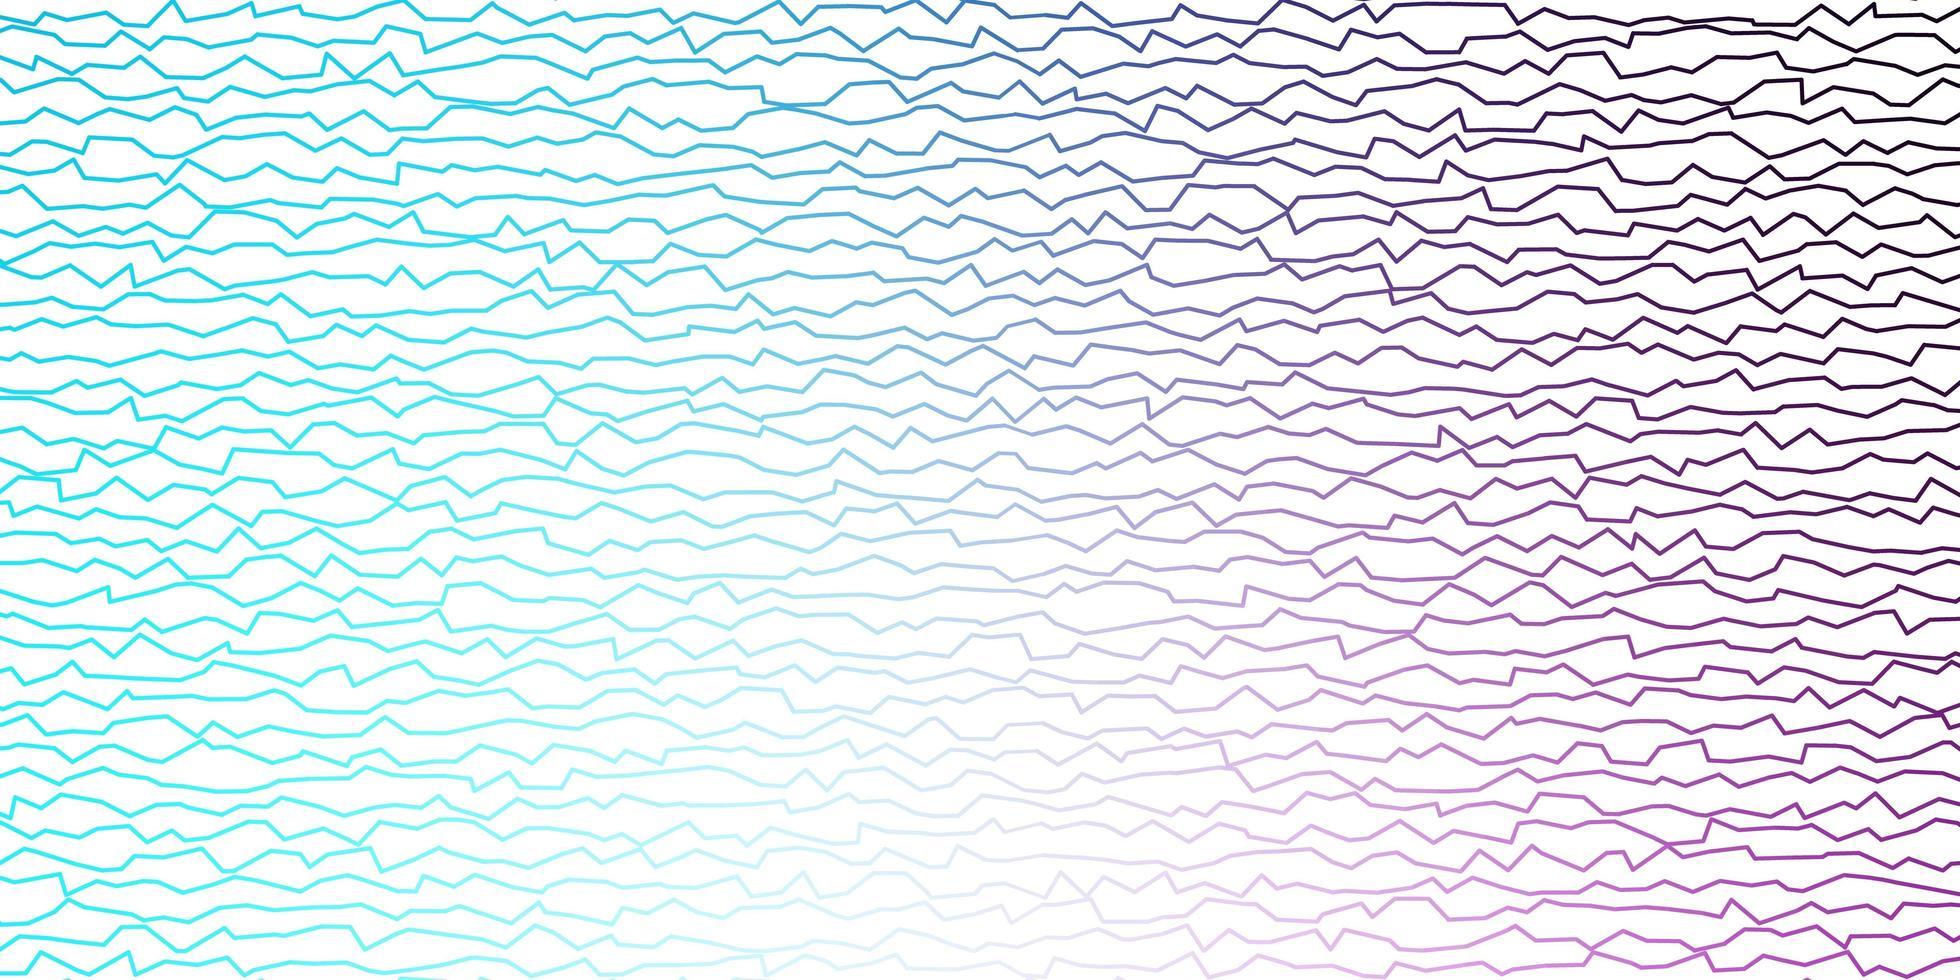 mörkrosa, blå vektorlayout med sneda linjer vektor